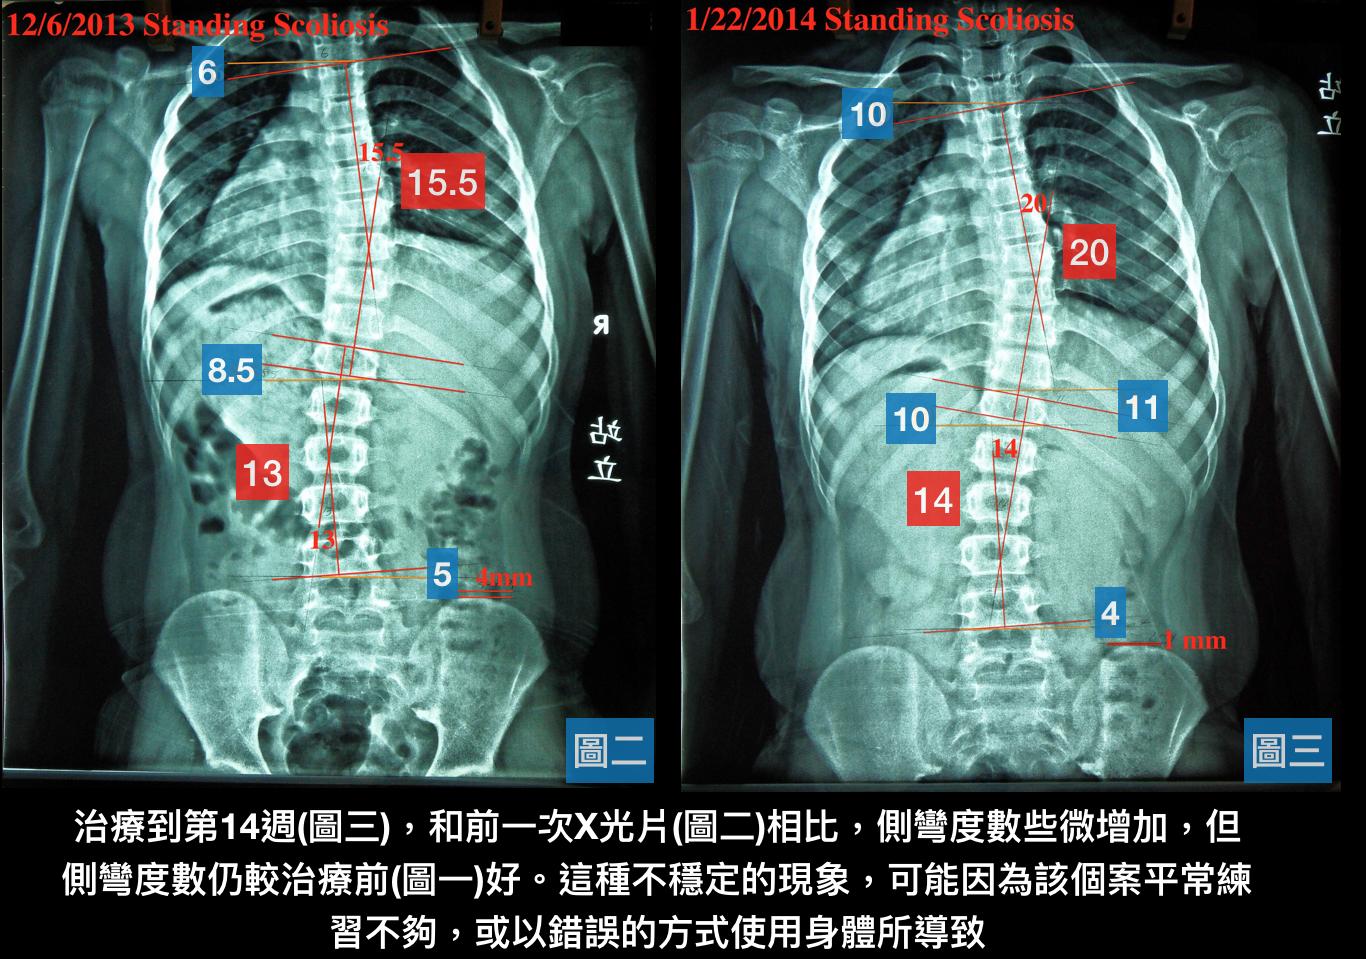 脊椎側彎矯正案例8 - 10歲治療七週33~15.5度+後續追蹤(9個月進步19.5度) - 閻曉華脊骨神經醫學網